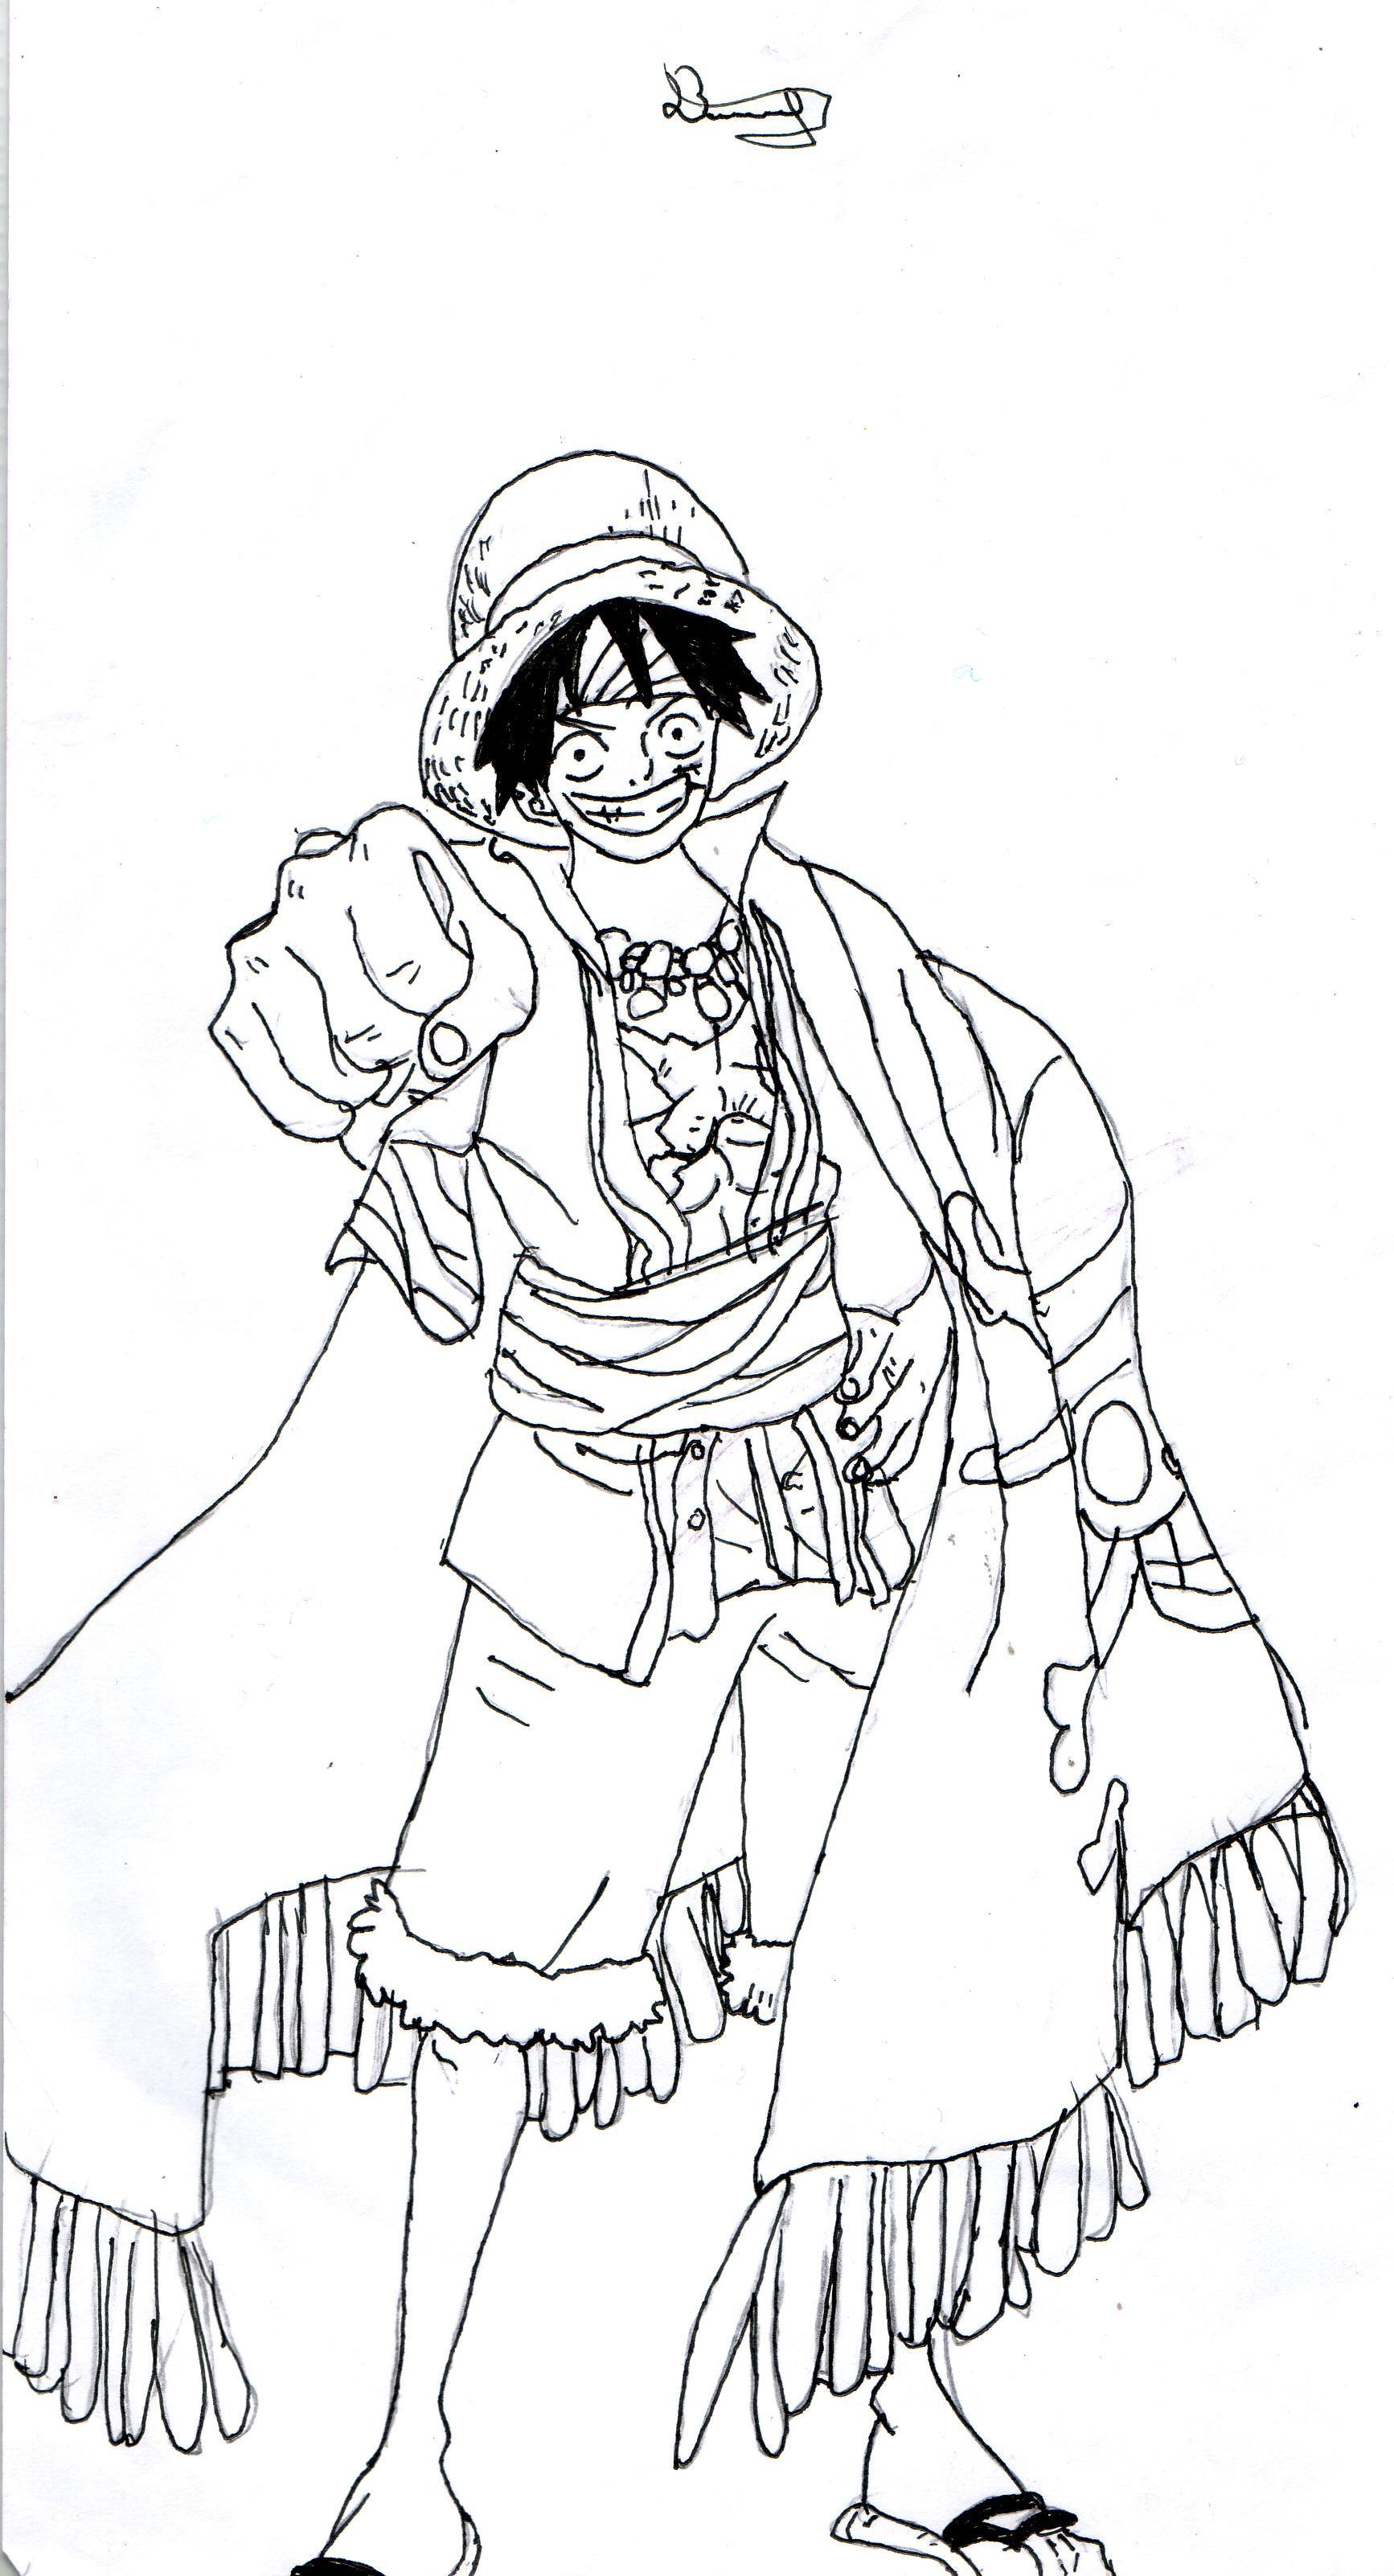 Un Fan De One Piece Dessine Luffy Son Personnage Préféré intérieur Coloriage One Piece Luffy